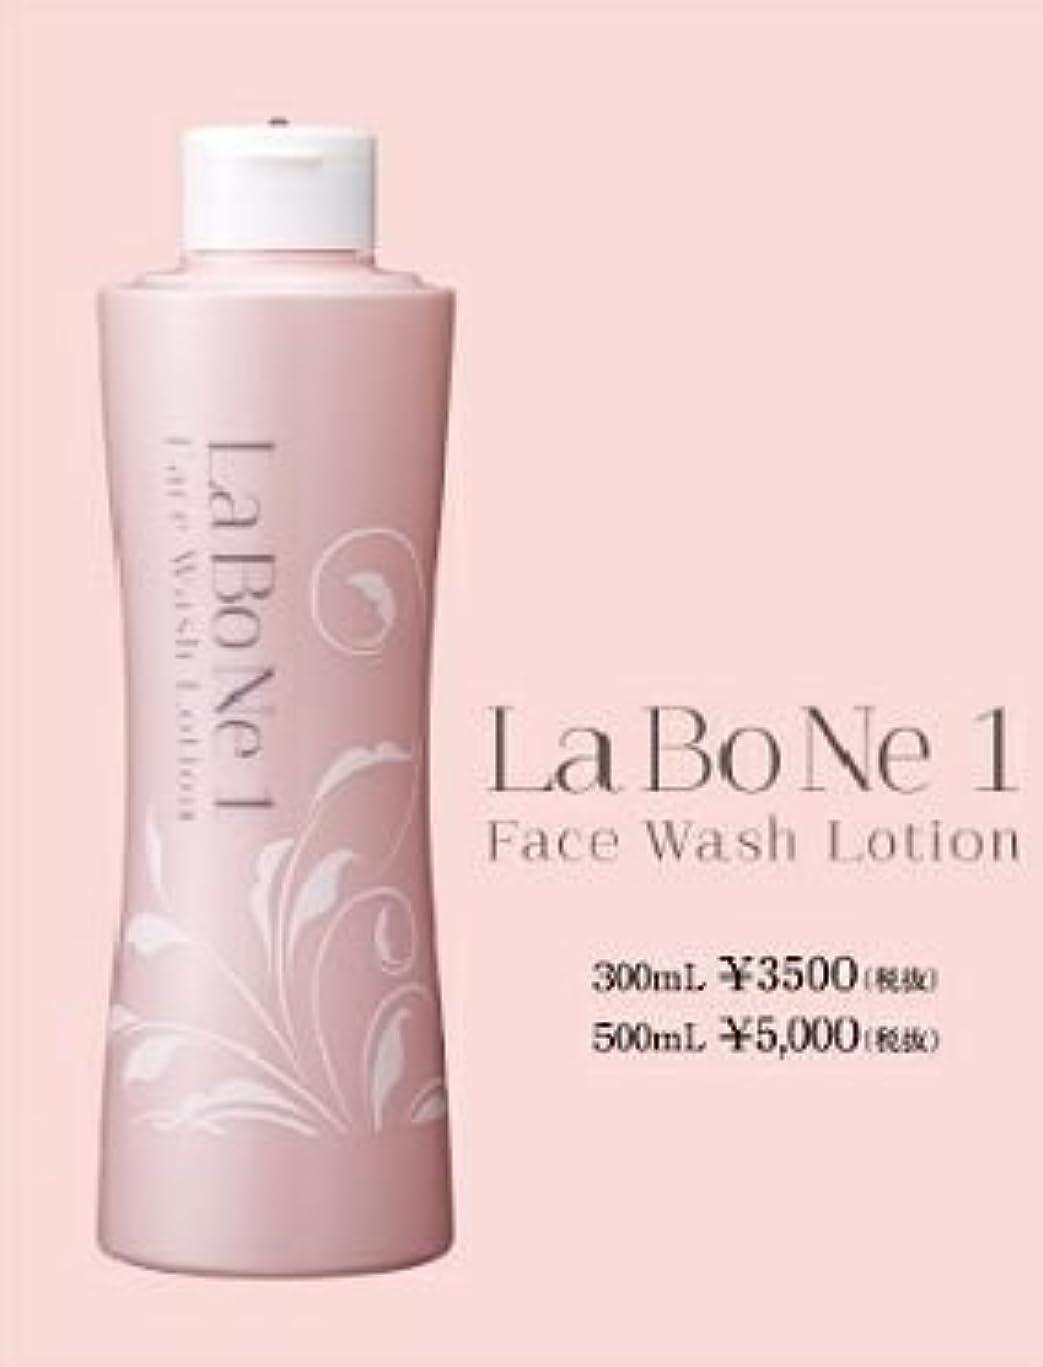 結果本質的ではない寄付「LaBoNe1」ラボネ1 (300ml) 塗るから洗うへ。新発想の美容液 化粧水 クリーム コスメ メンズコスメ スキンケア 毛穴 エステ 業務用